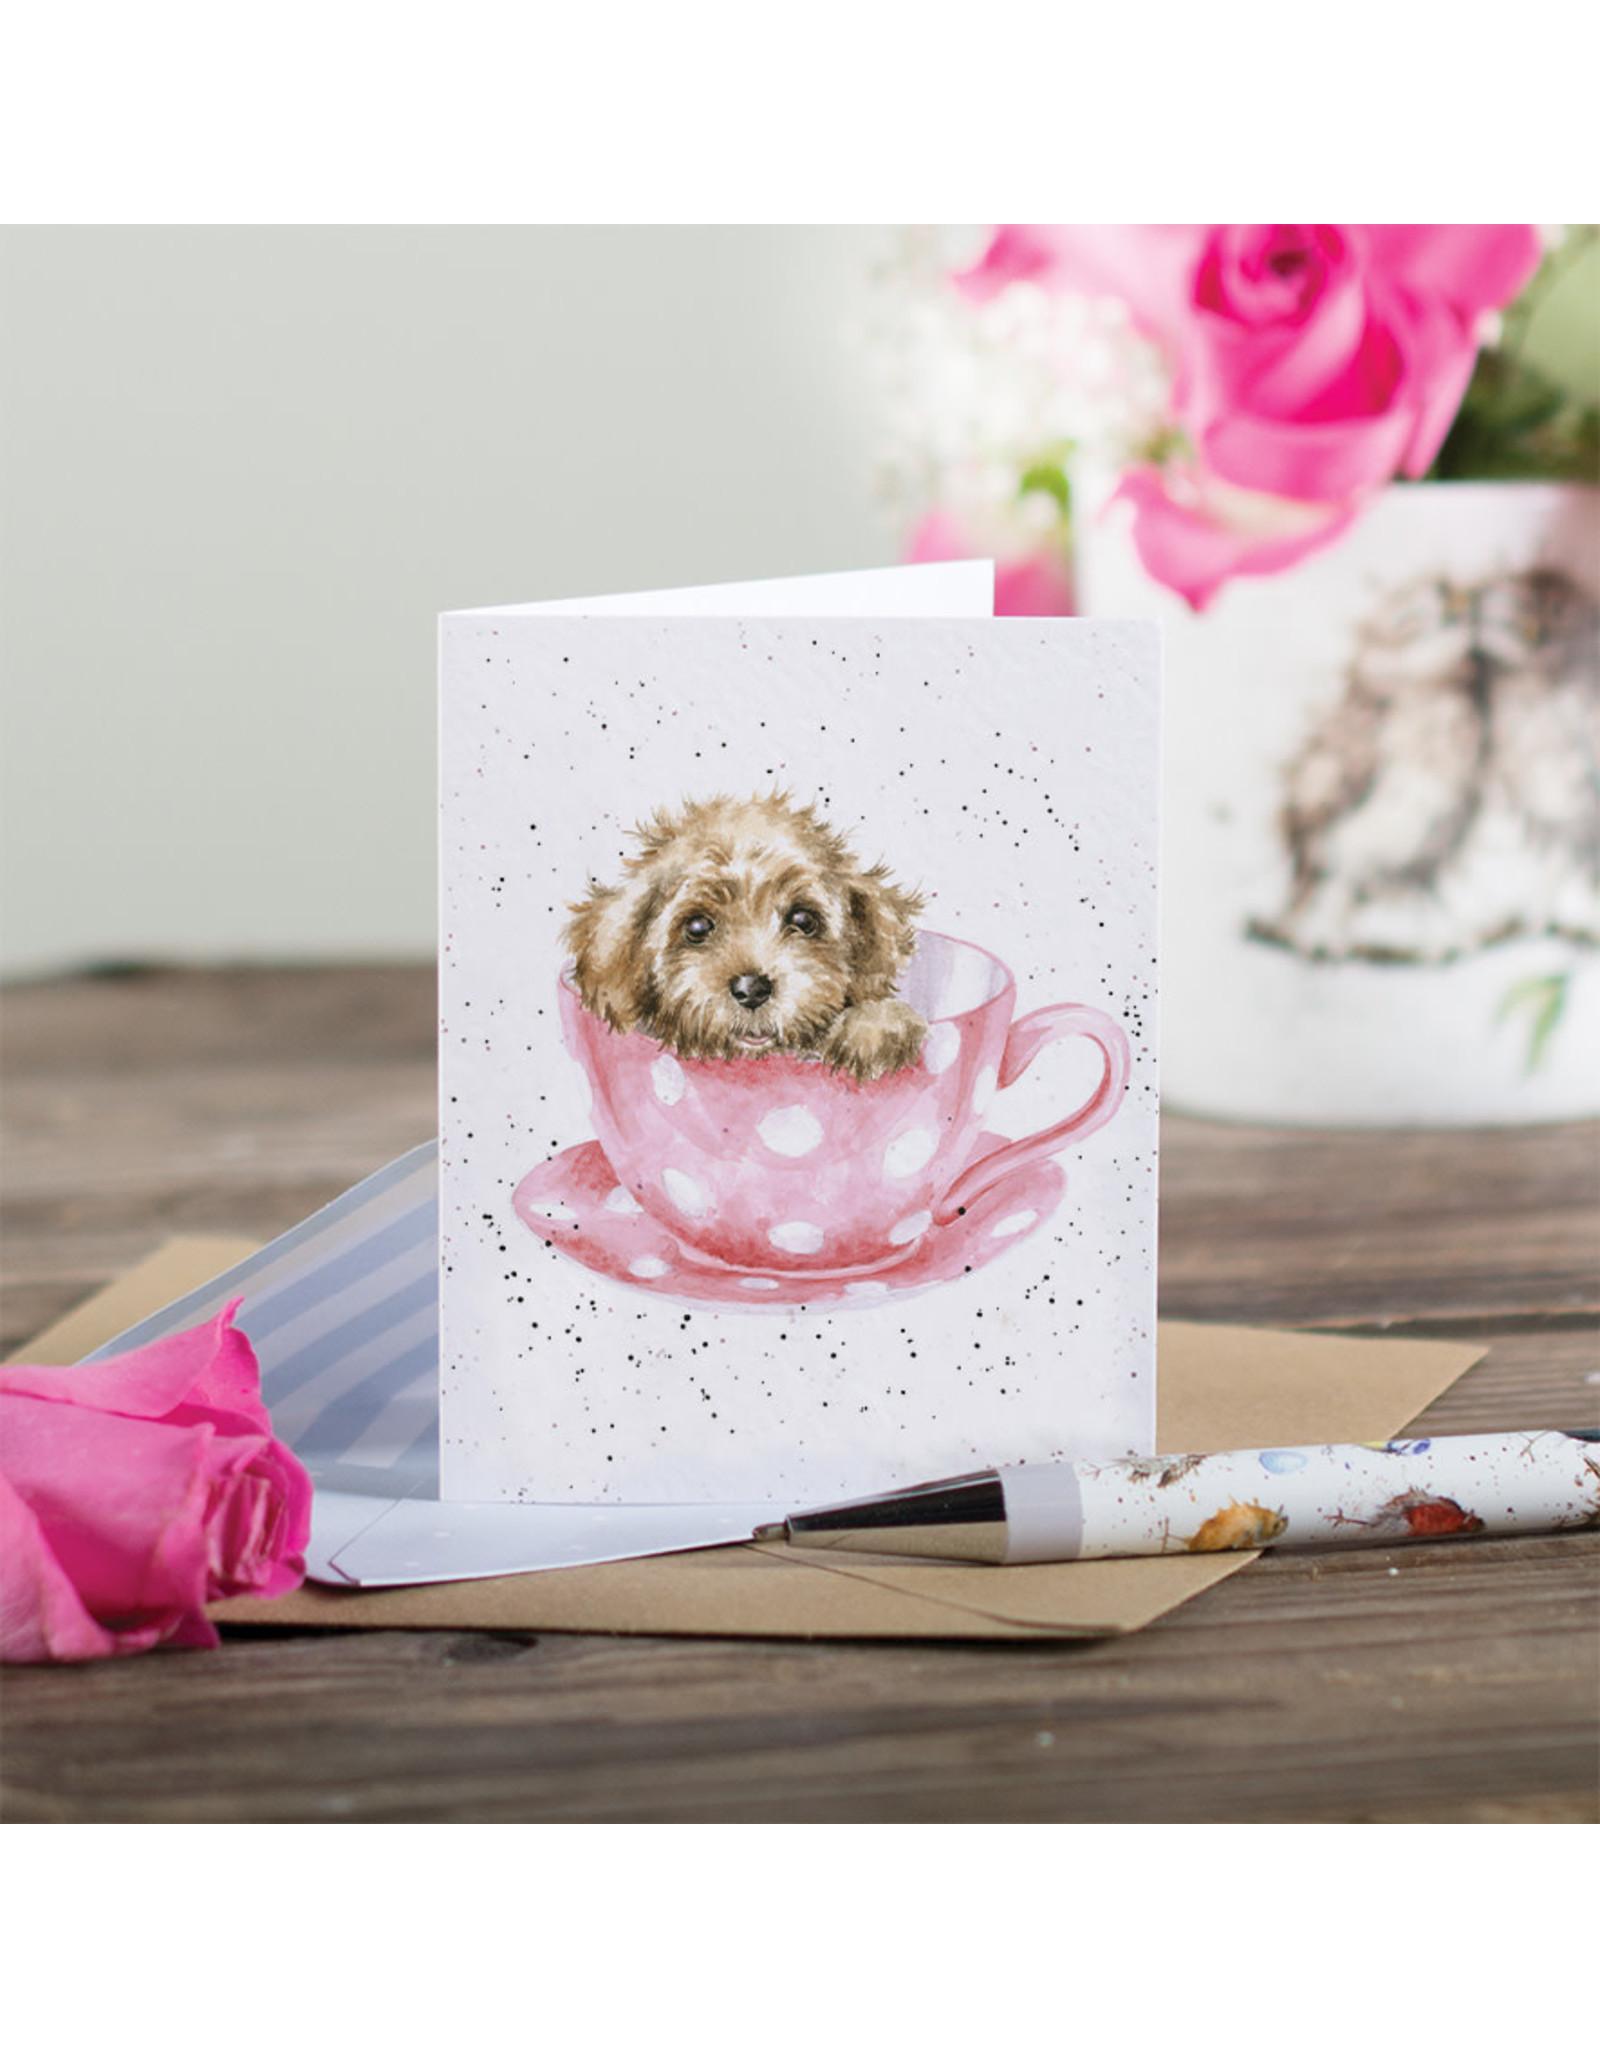 Wrendale Mini Wenskaart - Teacup Pup